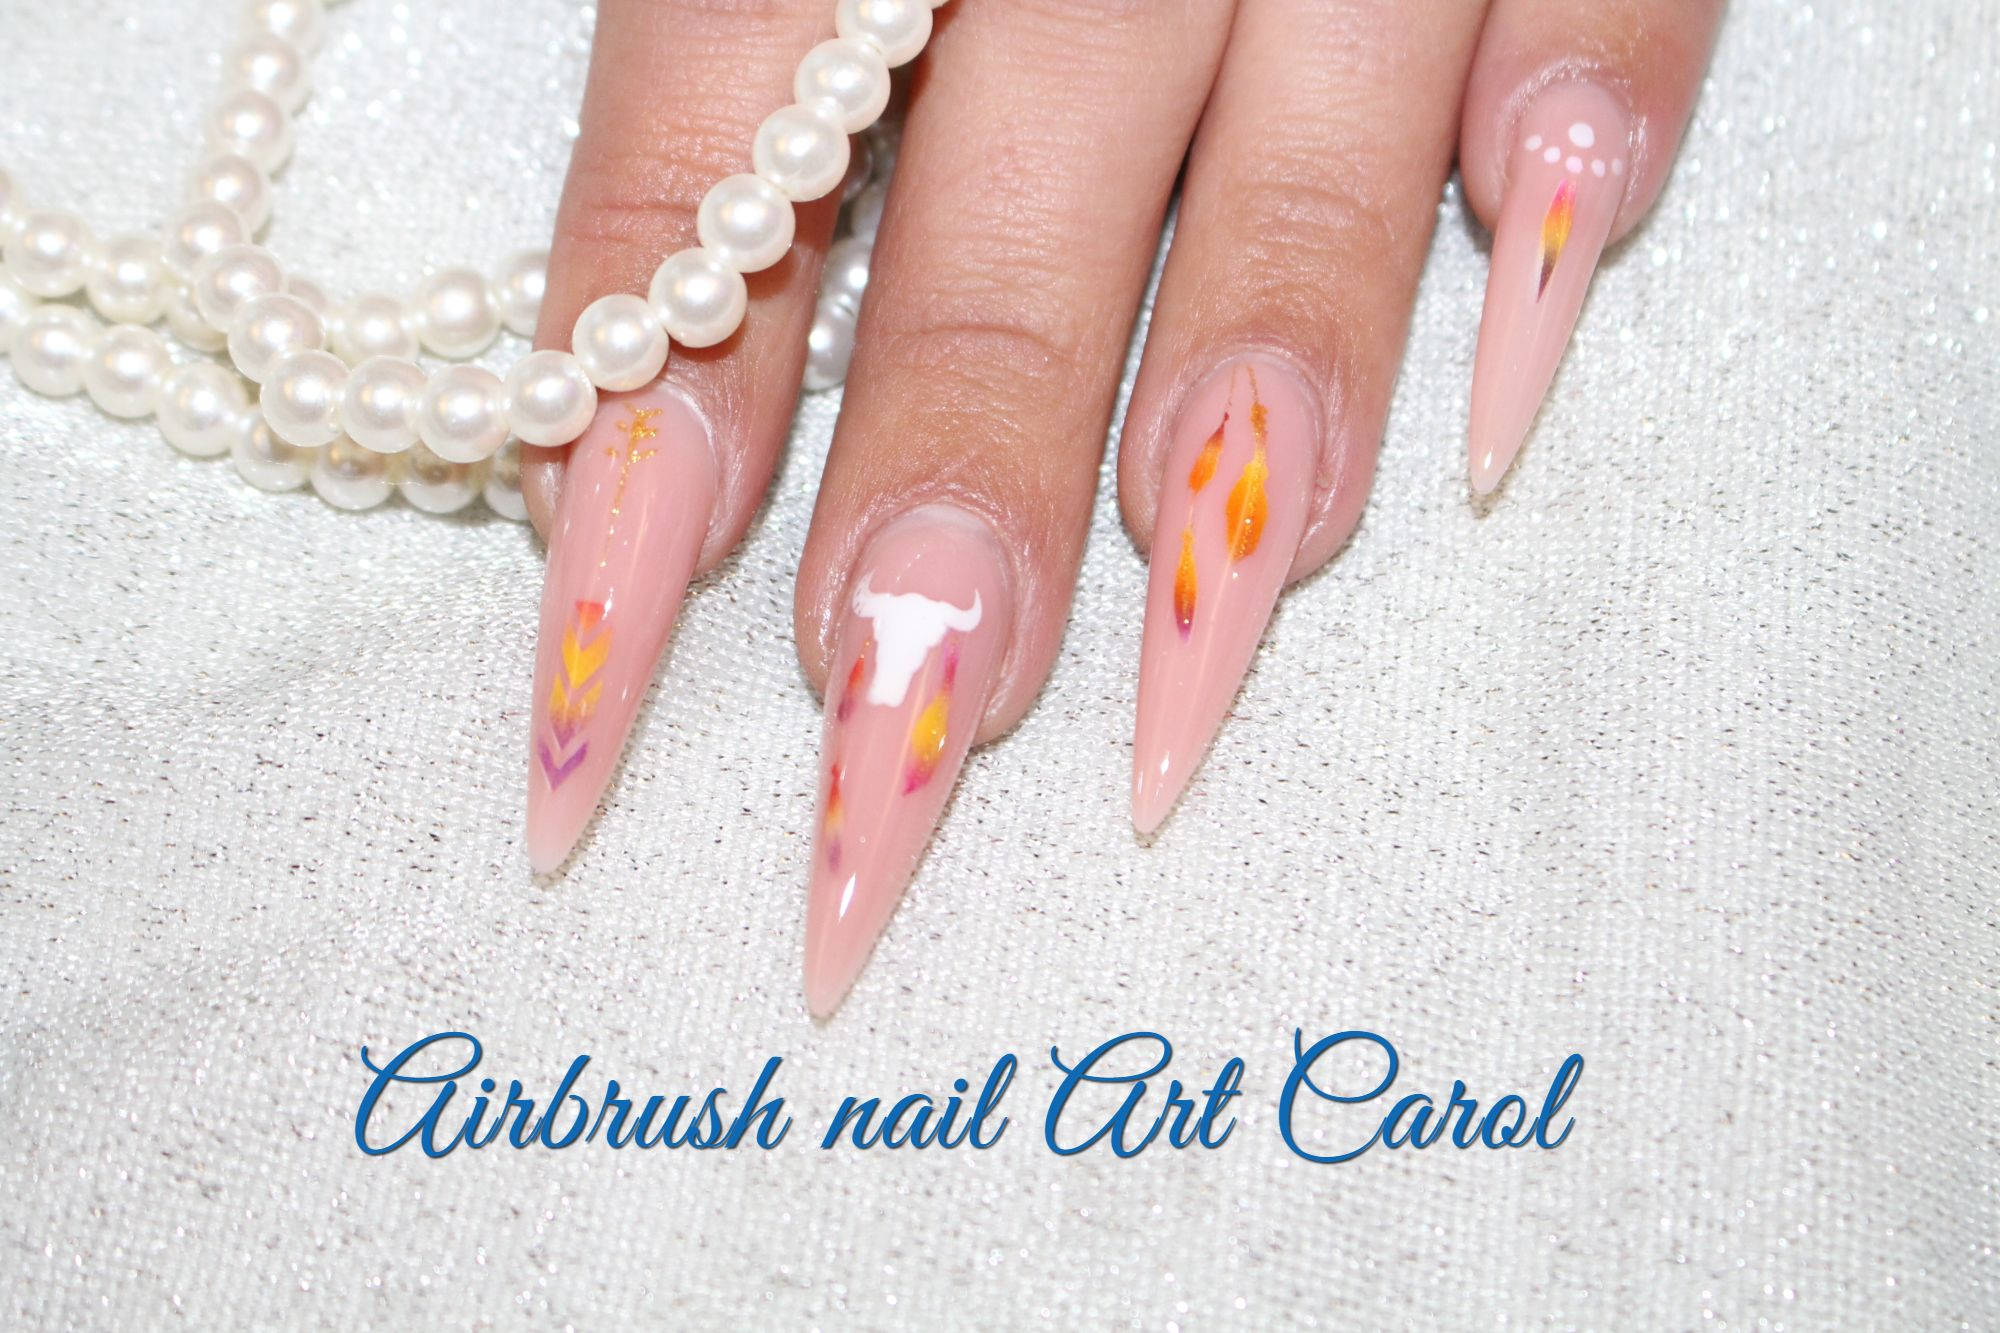 Airbrush Nail Art Carol